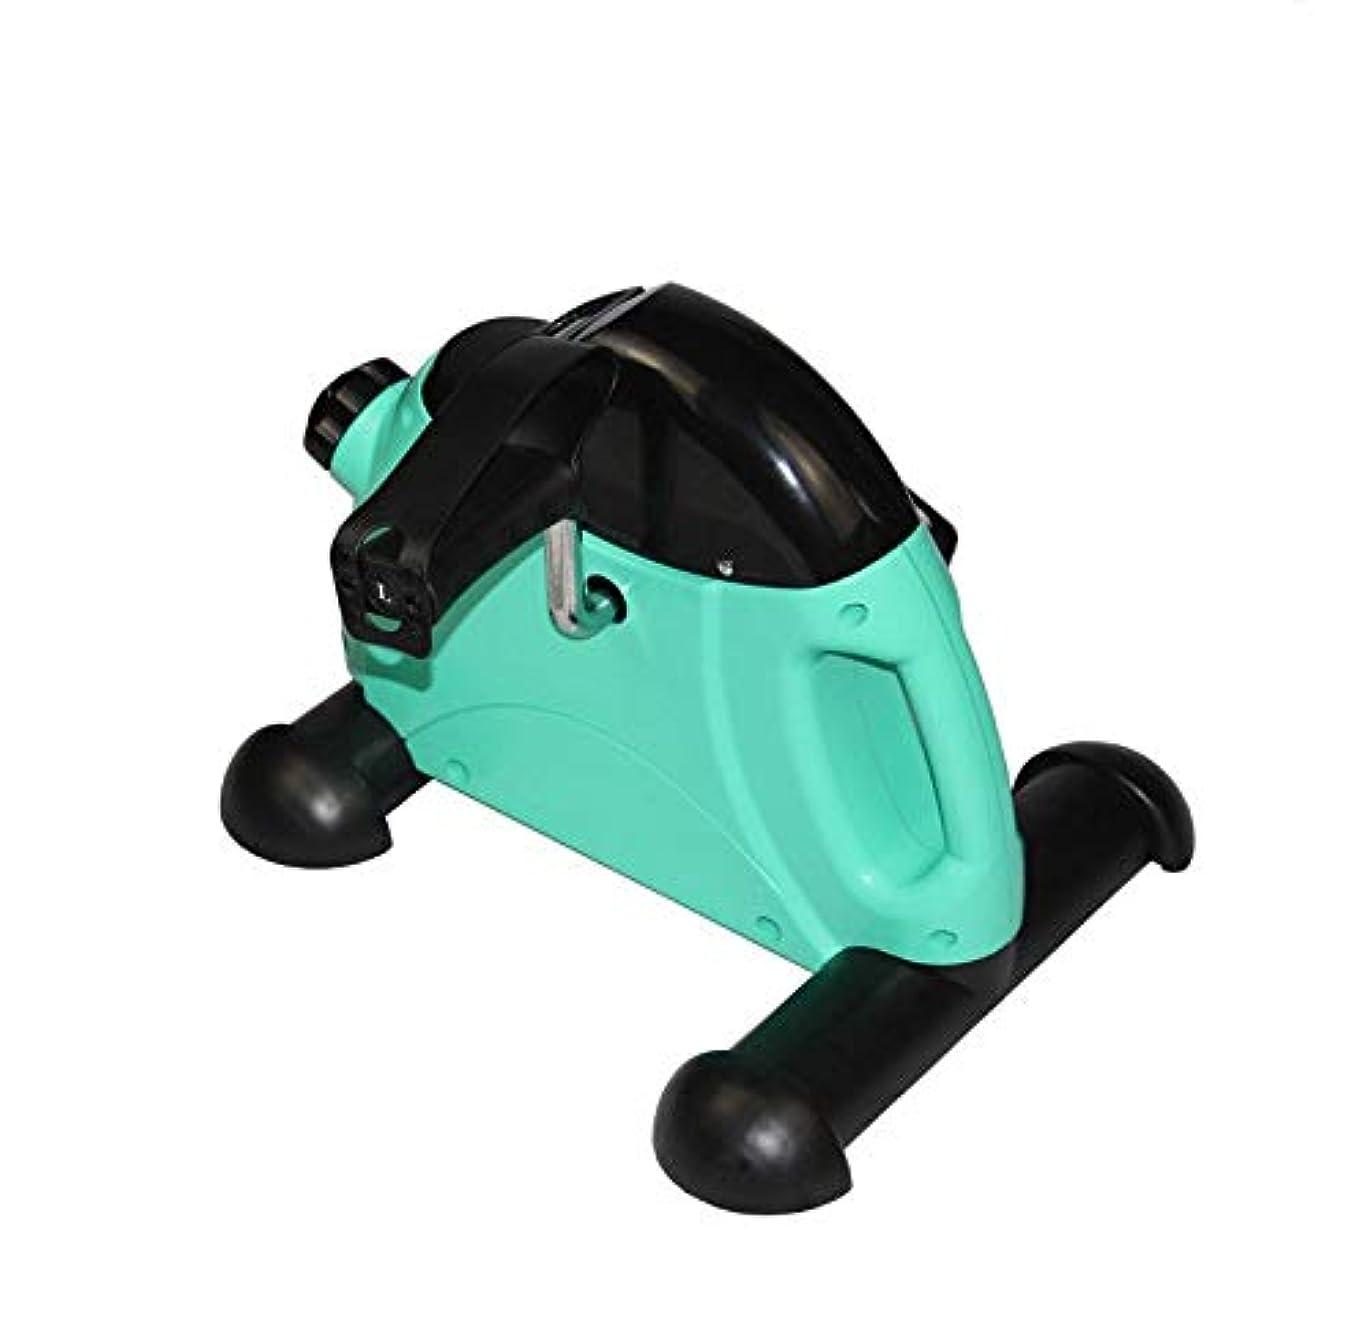 ぞっとするような先ドレインCetengkeji スポーツステッパー簡単に運ぶグリーン多機能ミュートステッパー細いウエストストーブパイプ運動フィットネス機器付き